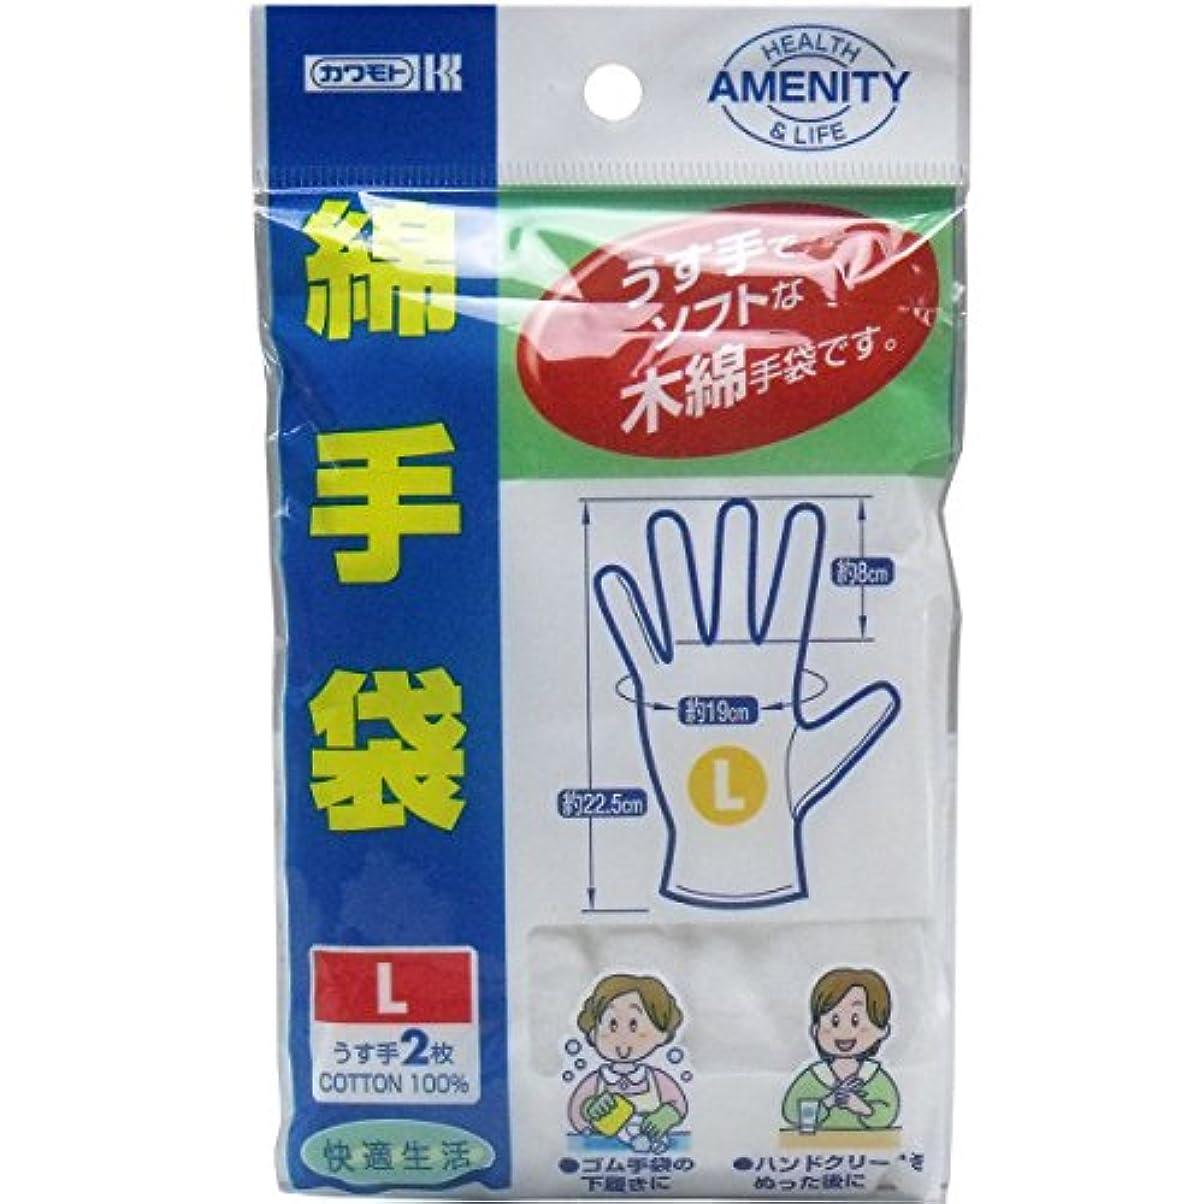 不安膨らませるあまりにも【セット品】綿手袋 Lサイズ うす手2枚入 7個